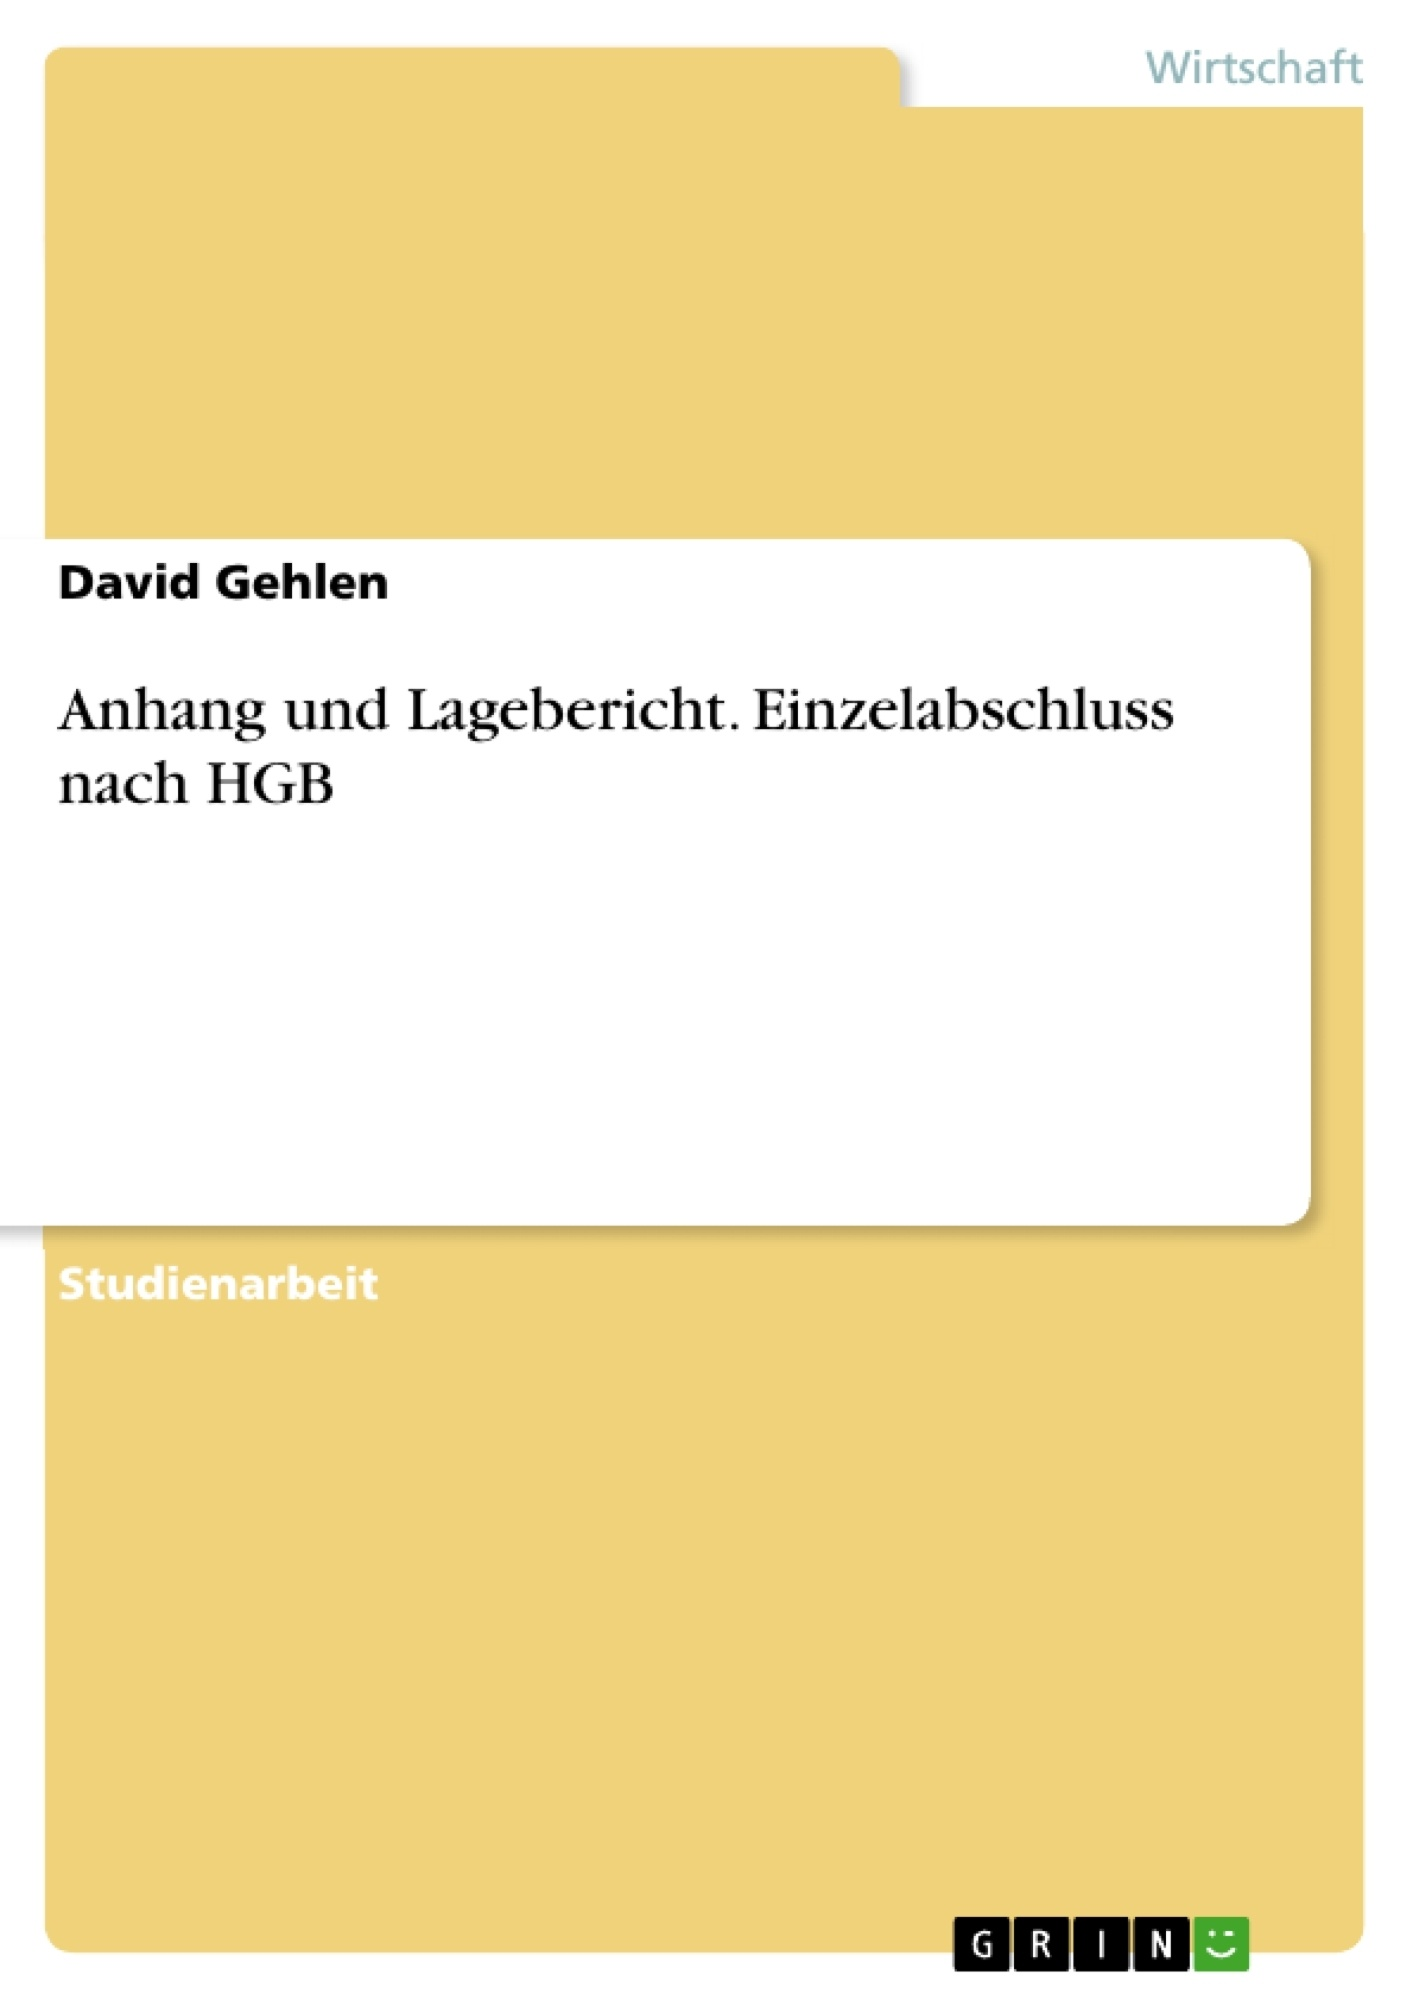 Titel: Anhang und Lagebericht. Einzelabschluss nach HGB